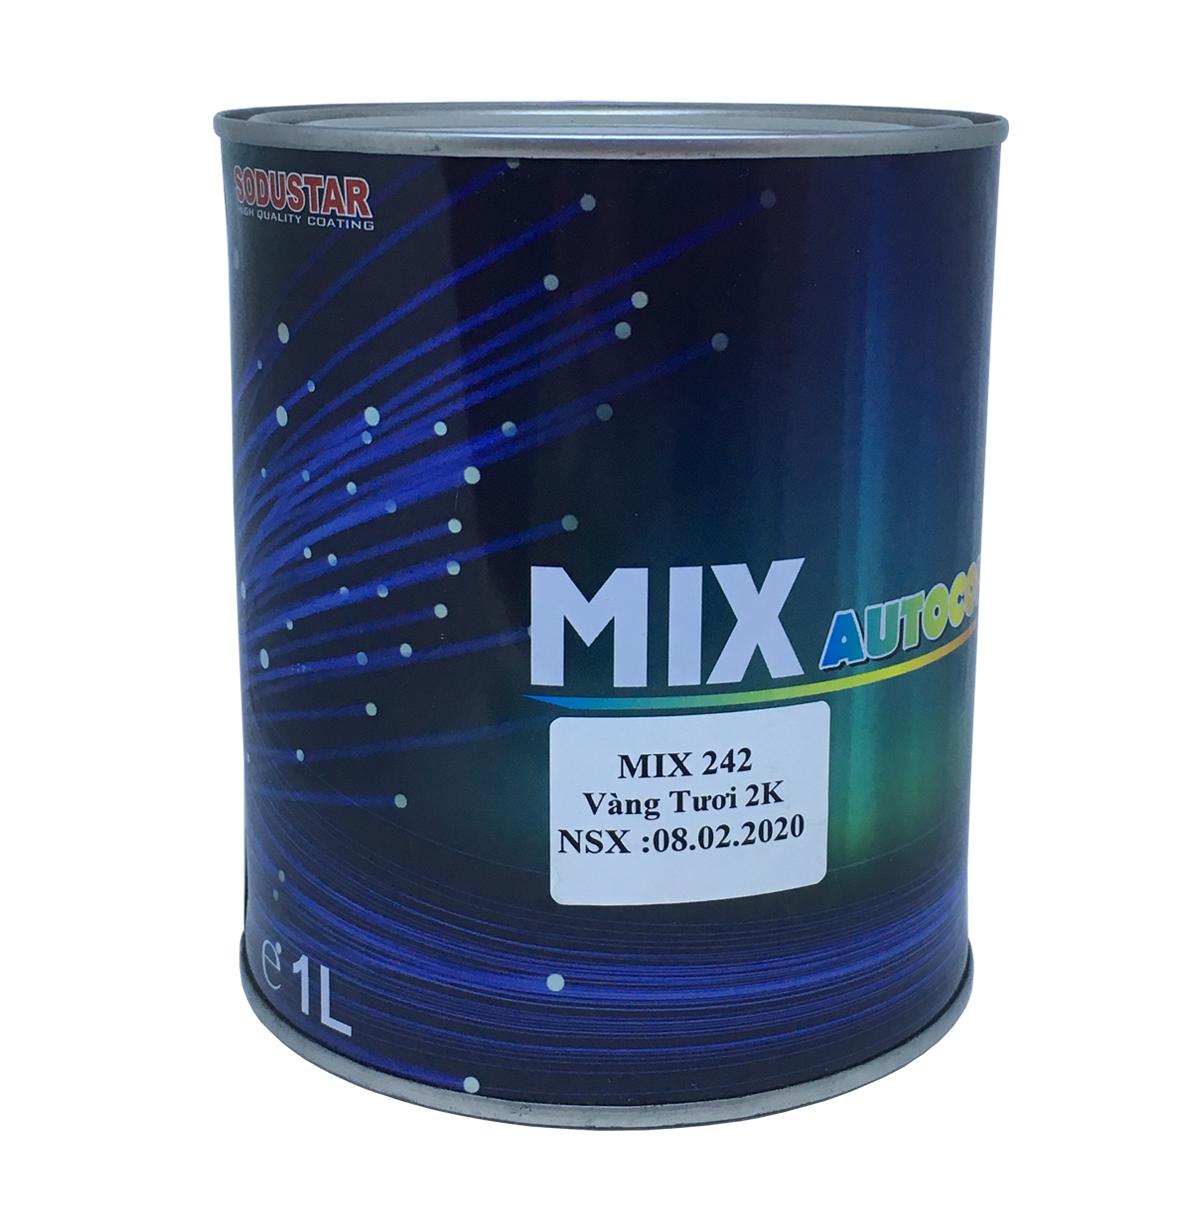 Sơn màu Vàng Tươi 2 thành phần (2K) - MIX 242